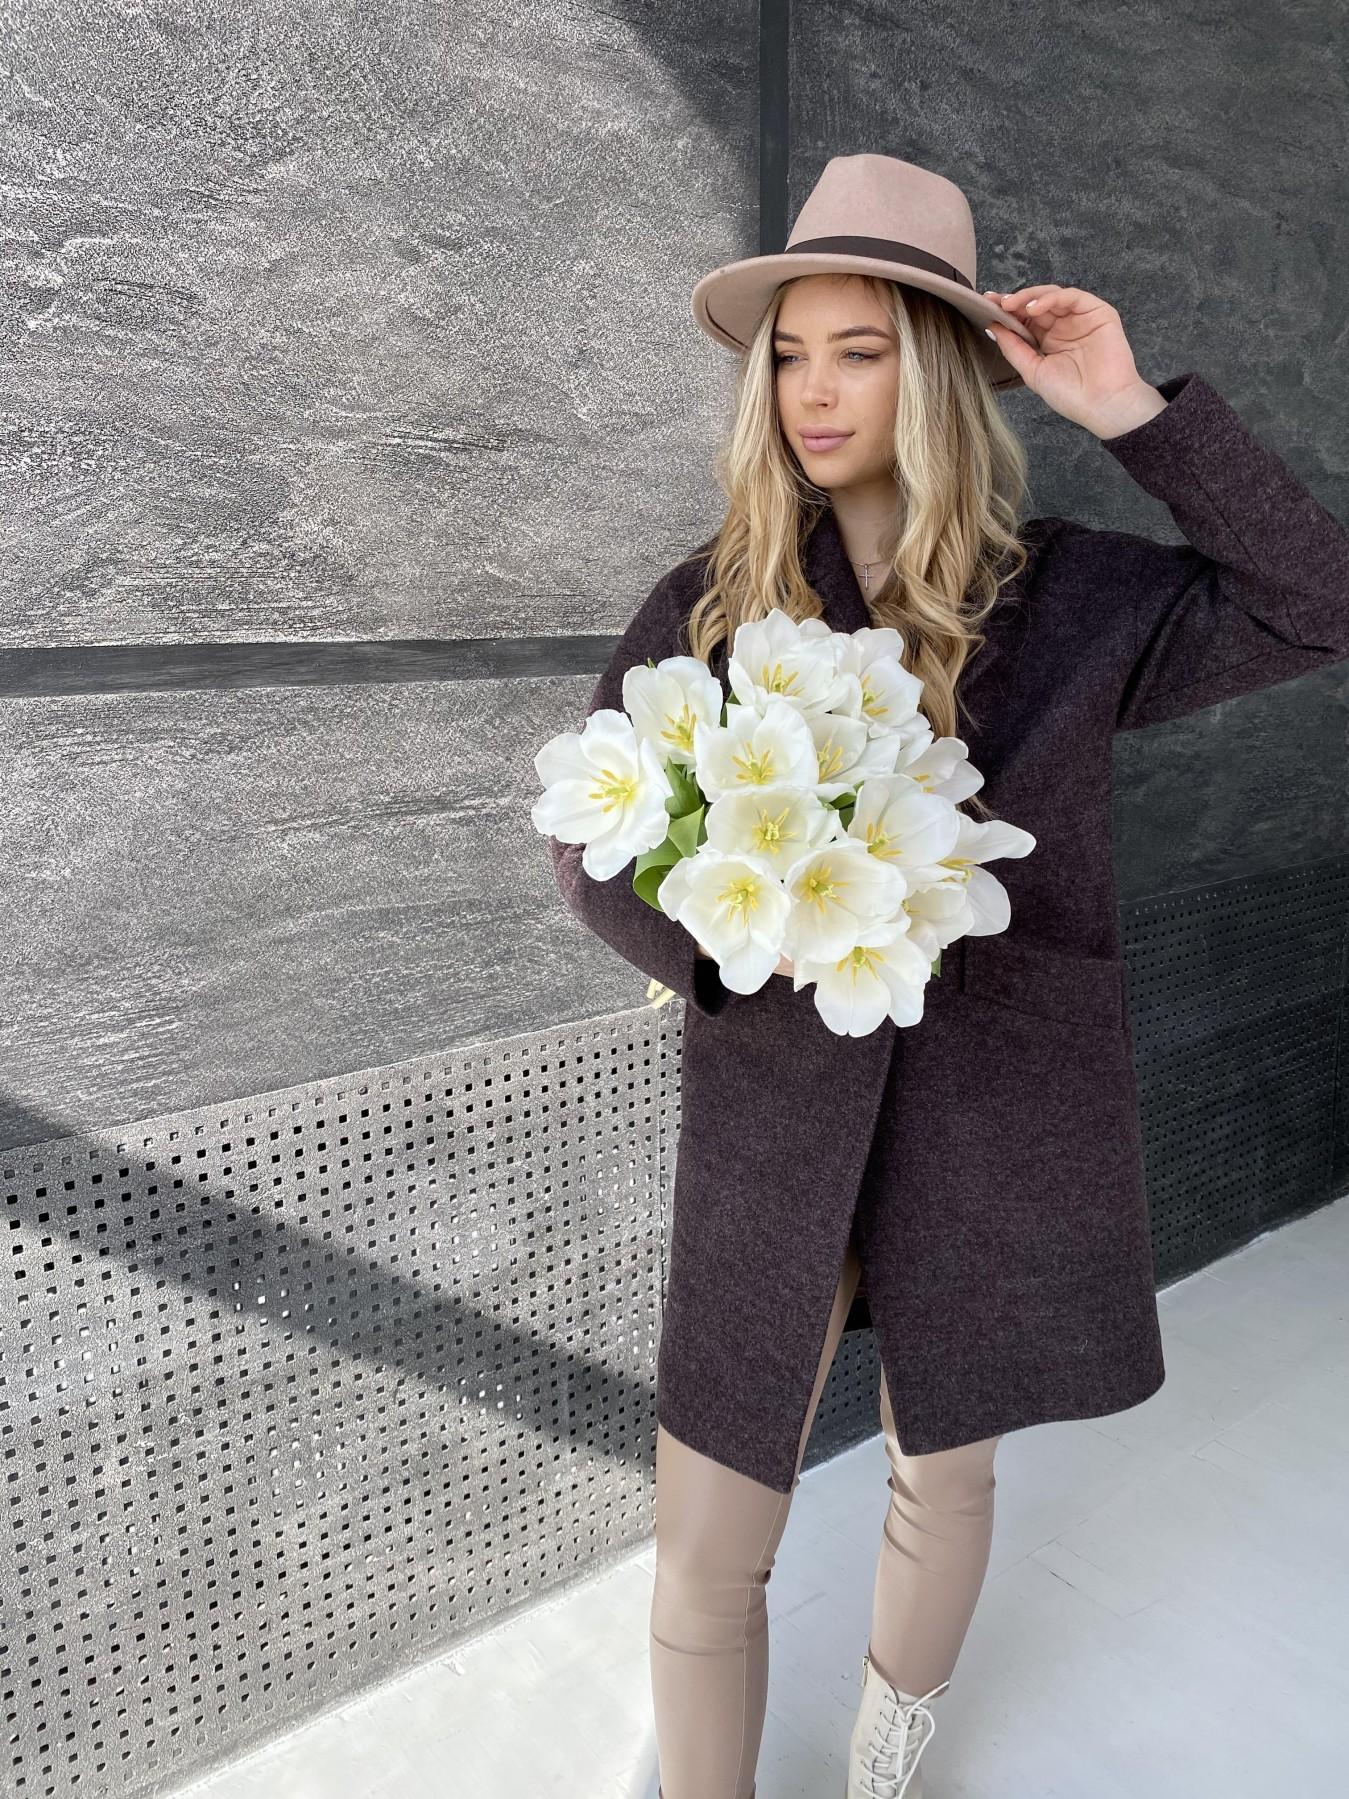 Сенсей пальто из кашемира меланж  10745 АРТ. 47227 Цвет: Марсала - фото 1, интернет магазин tm-modus.ru